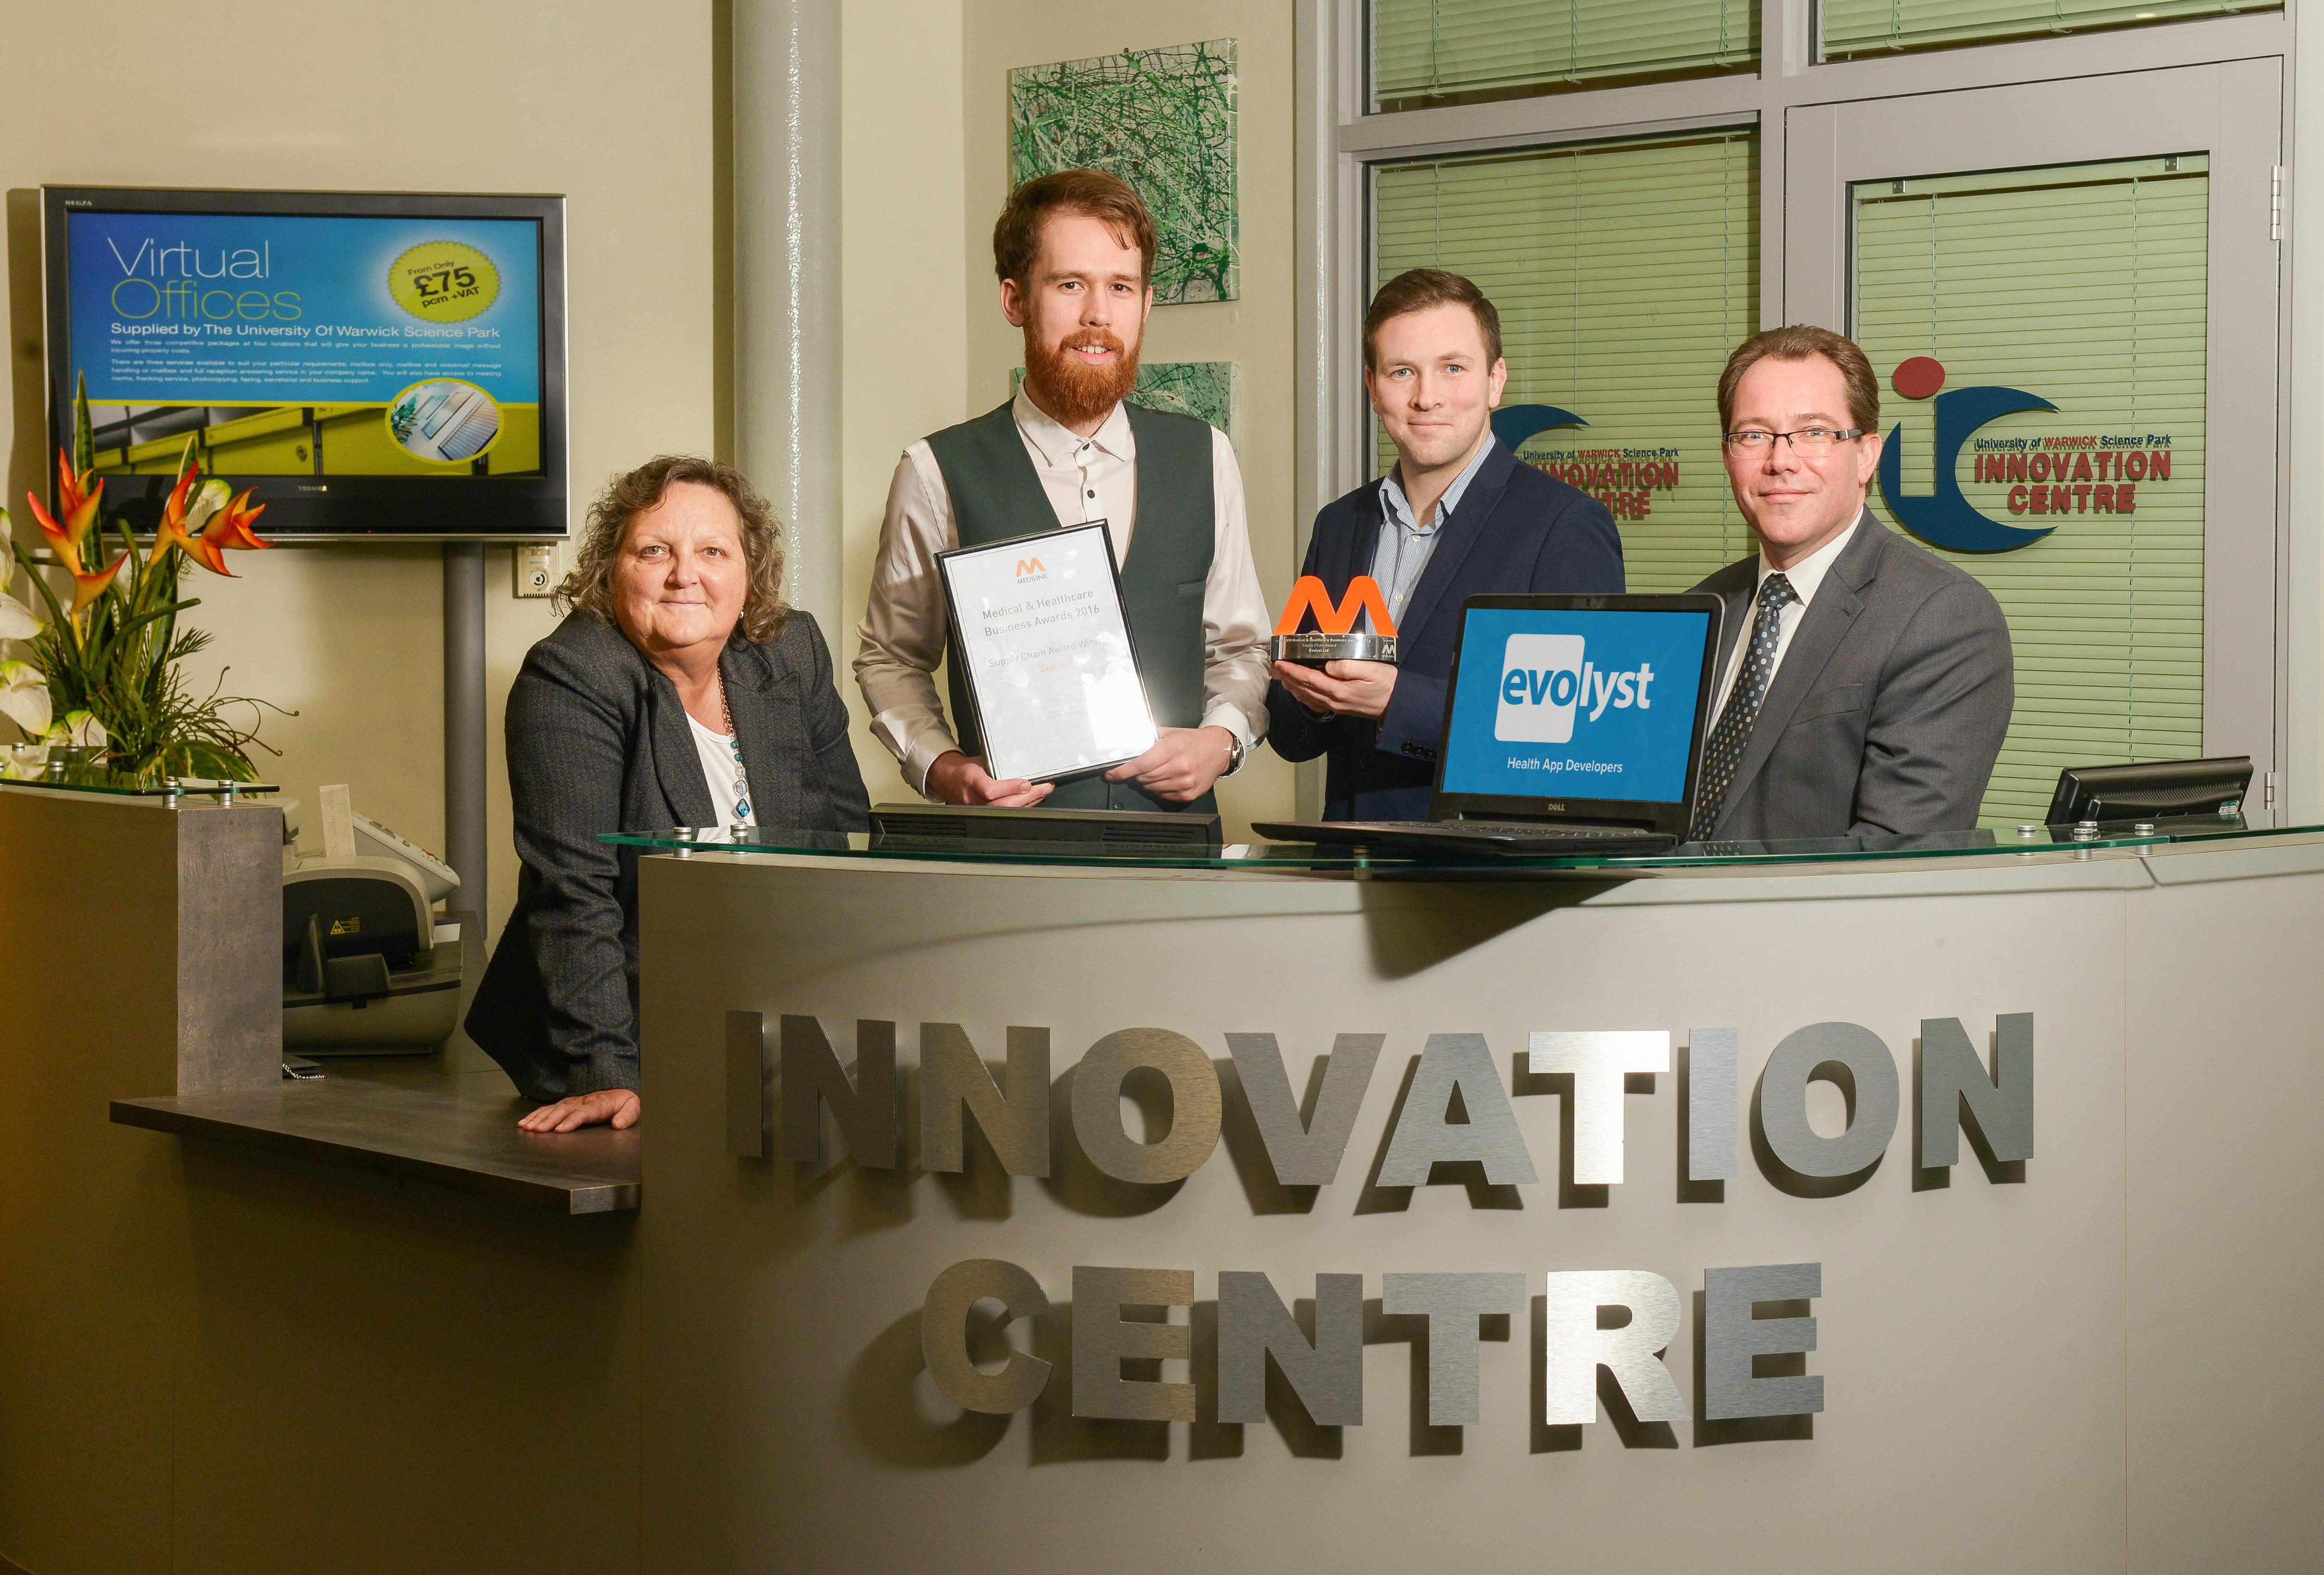 Evolyst wins Medilink West Midlands healthcare business award